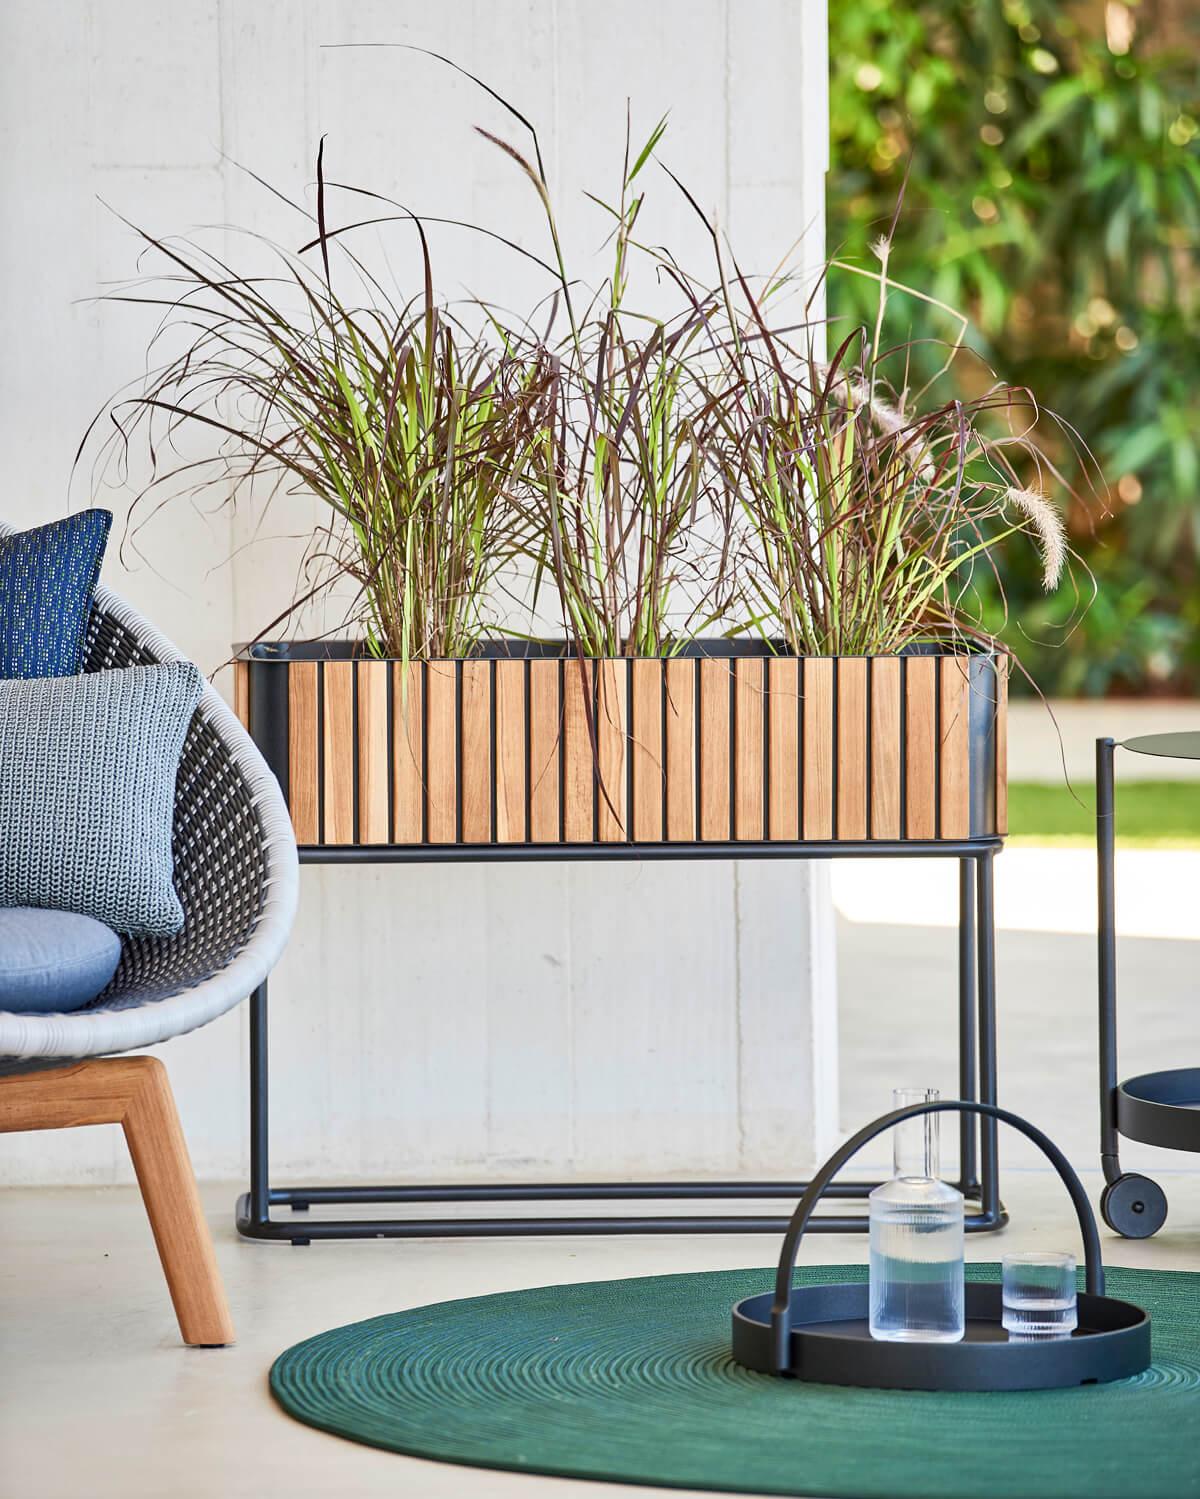 Combine donica ogrodowa prostokątna z podstawą aluminium drewno teakowe